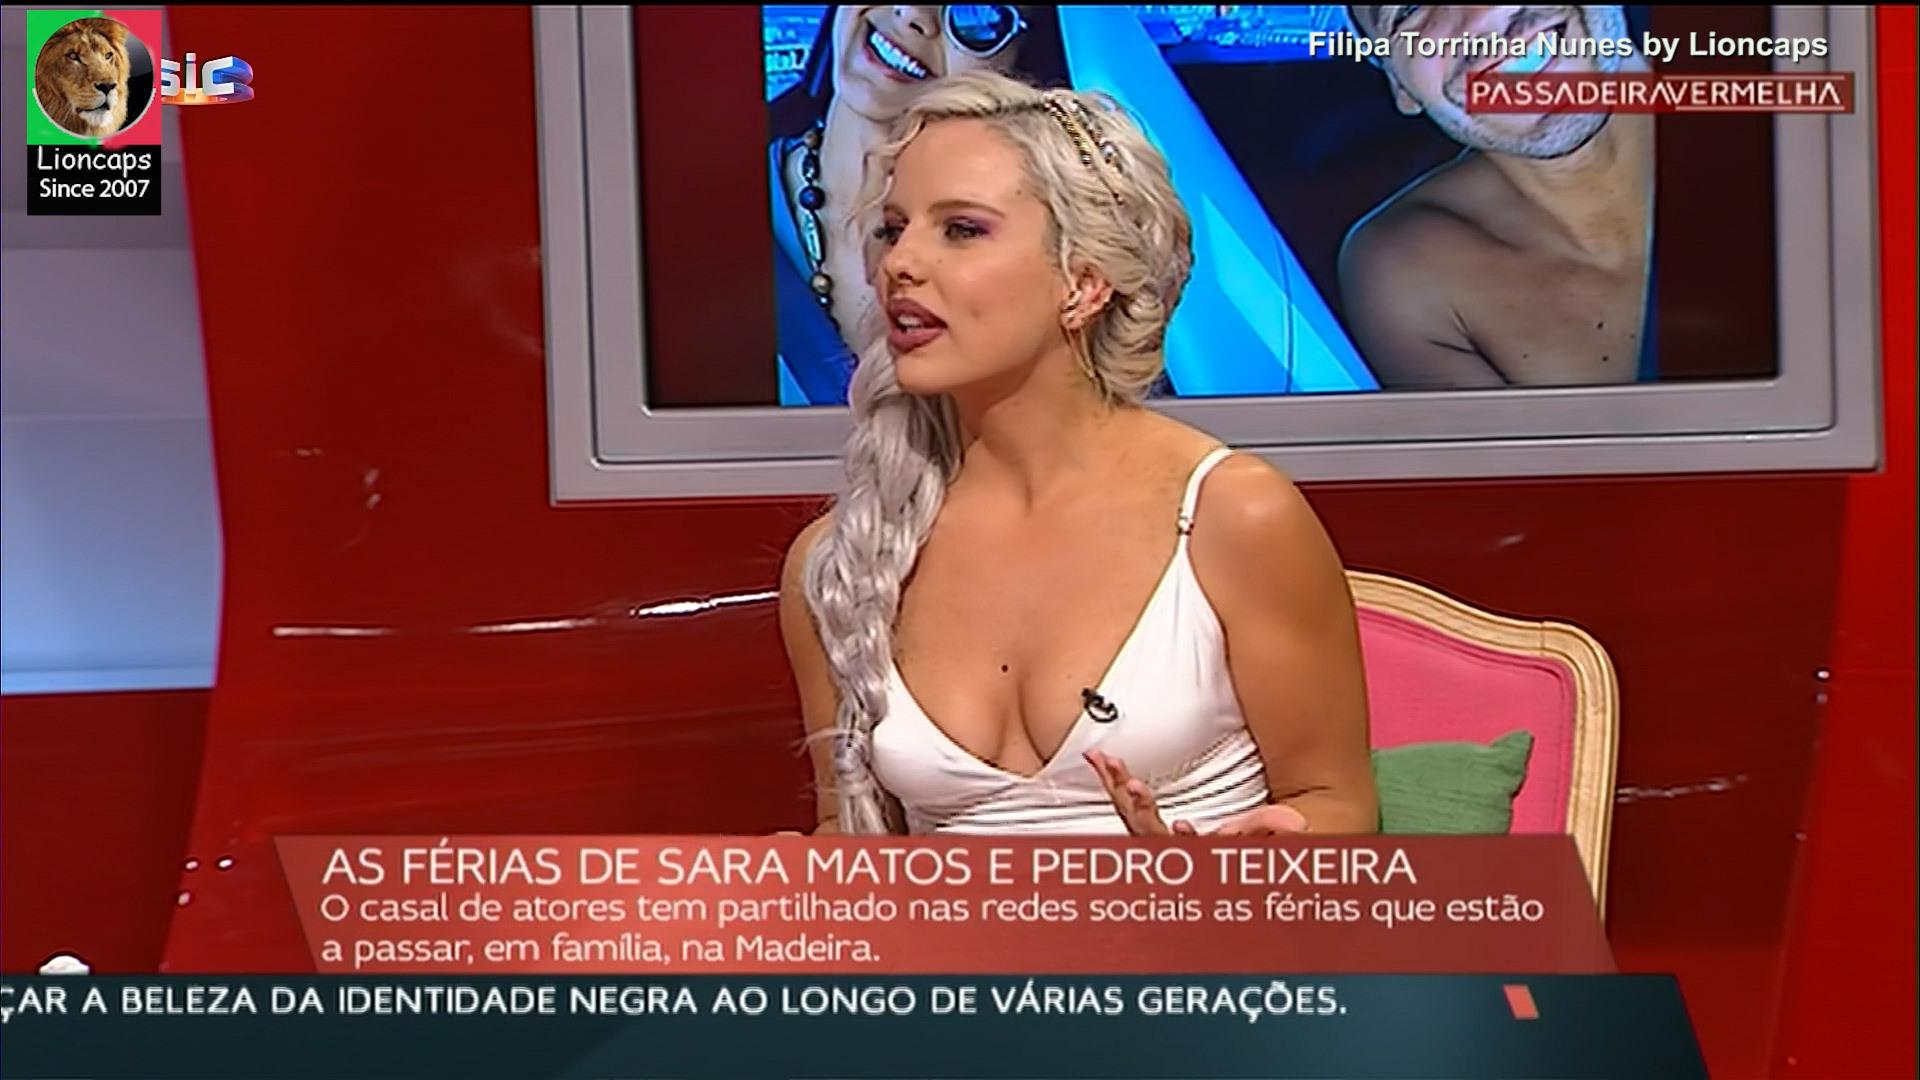 filipa_torrinha_nunes_passadeira_lioncaps_16_02_2021_02 (2).jpg